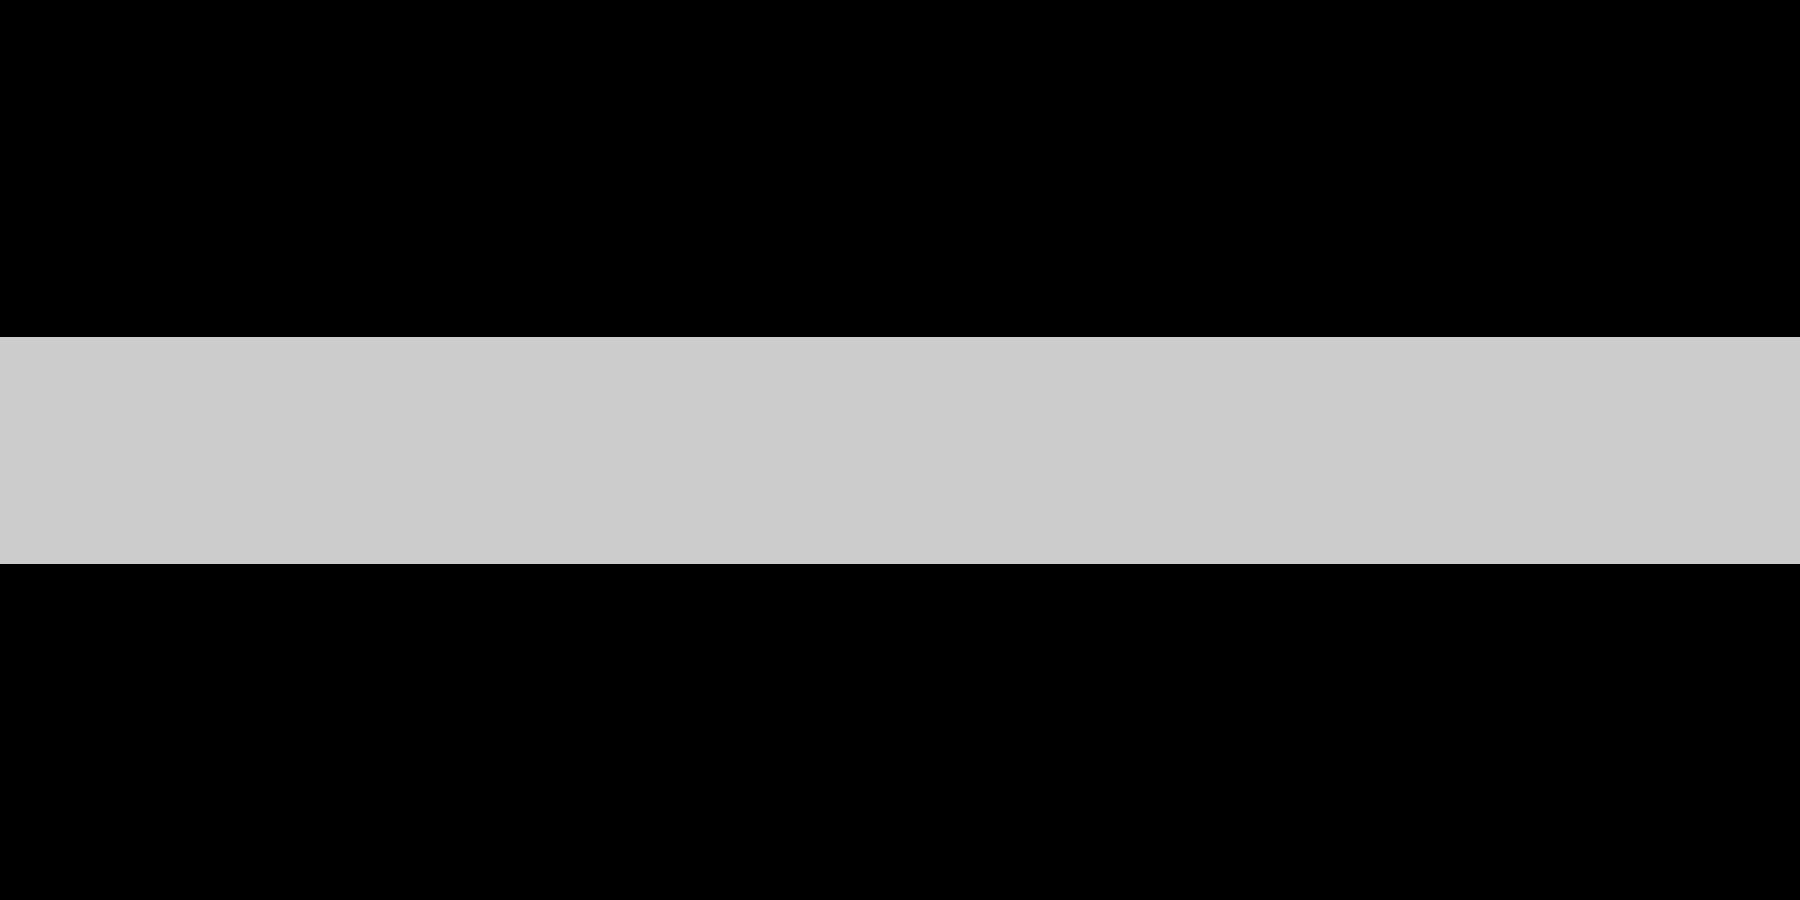 ソルフェジオ周波数_852hzの未再生の波形